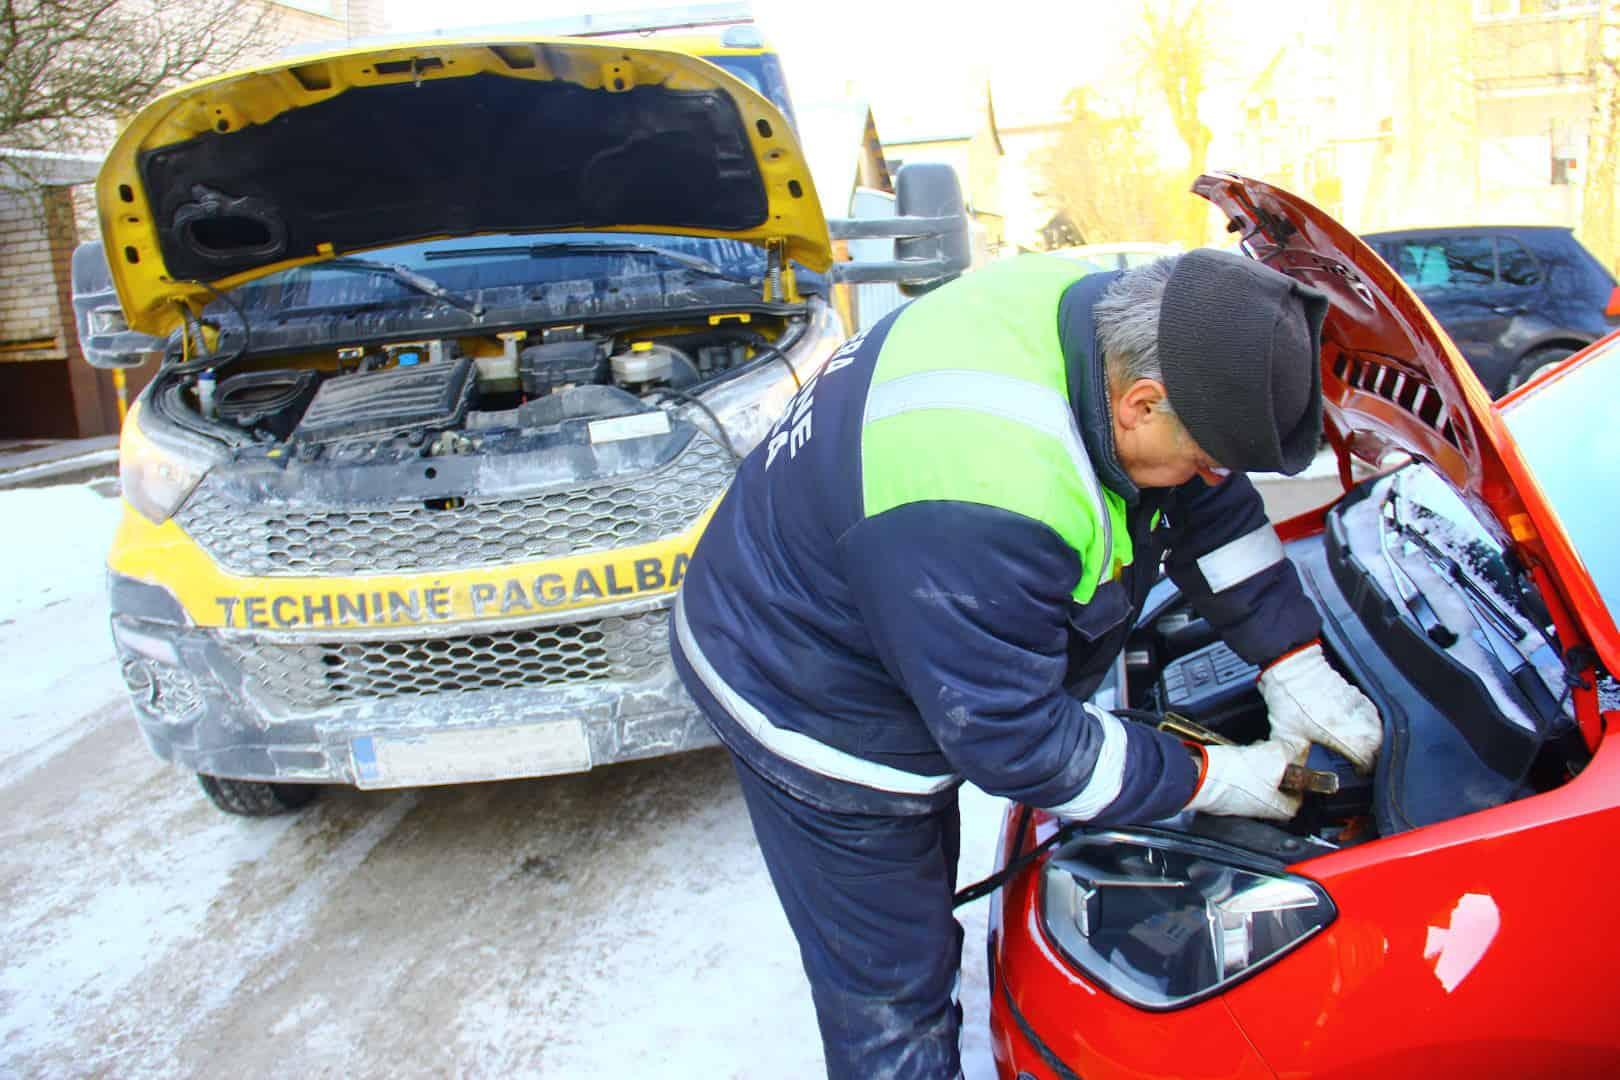 Technines pagalbos specialistas uzveda automobili salta ziema